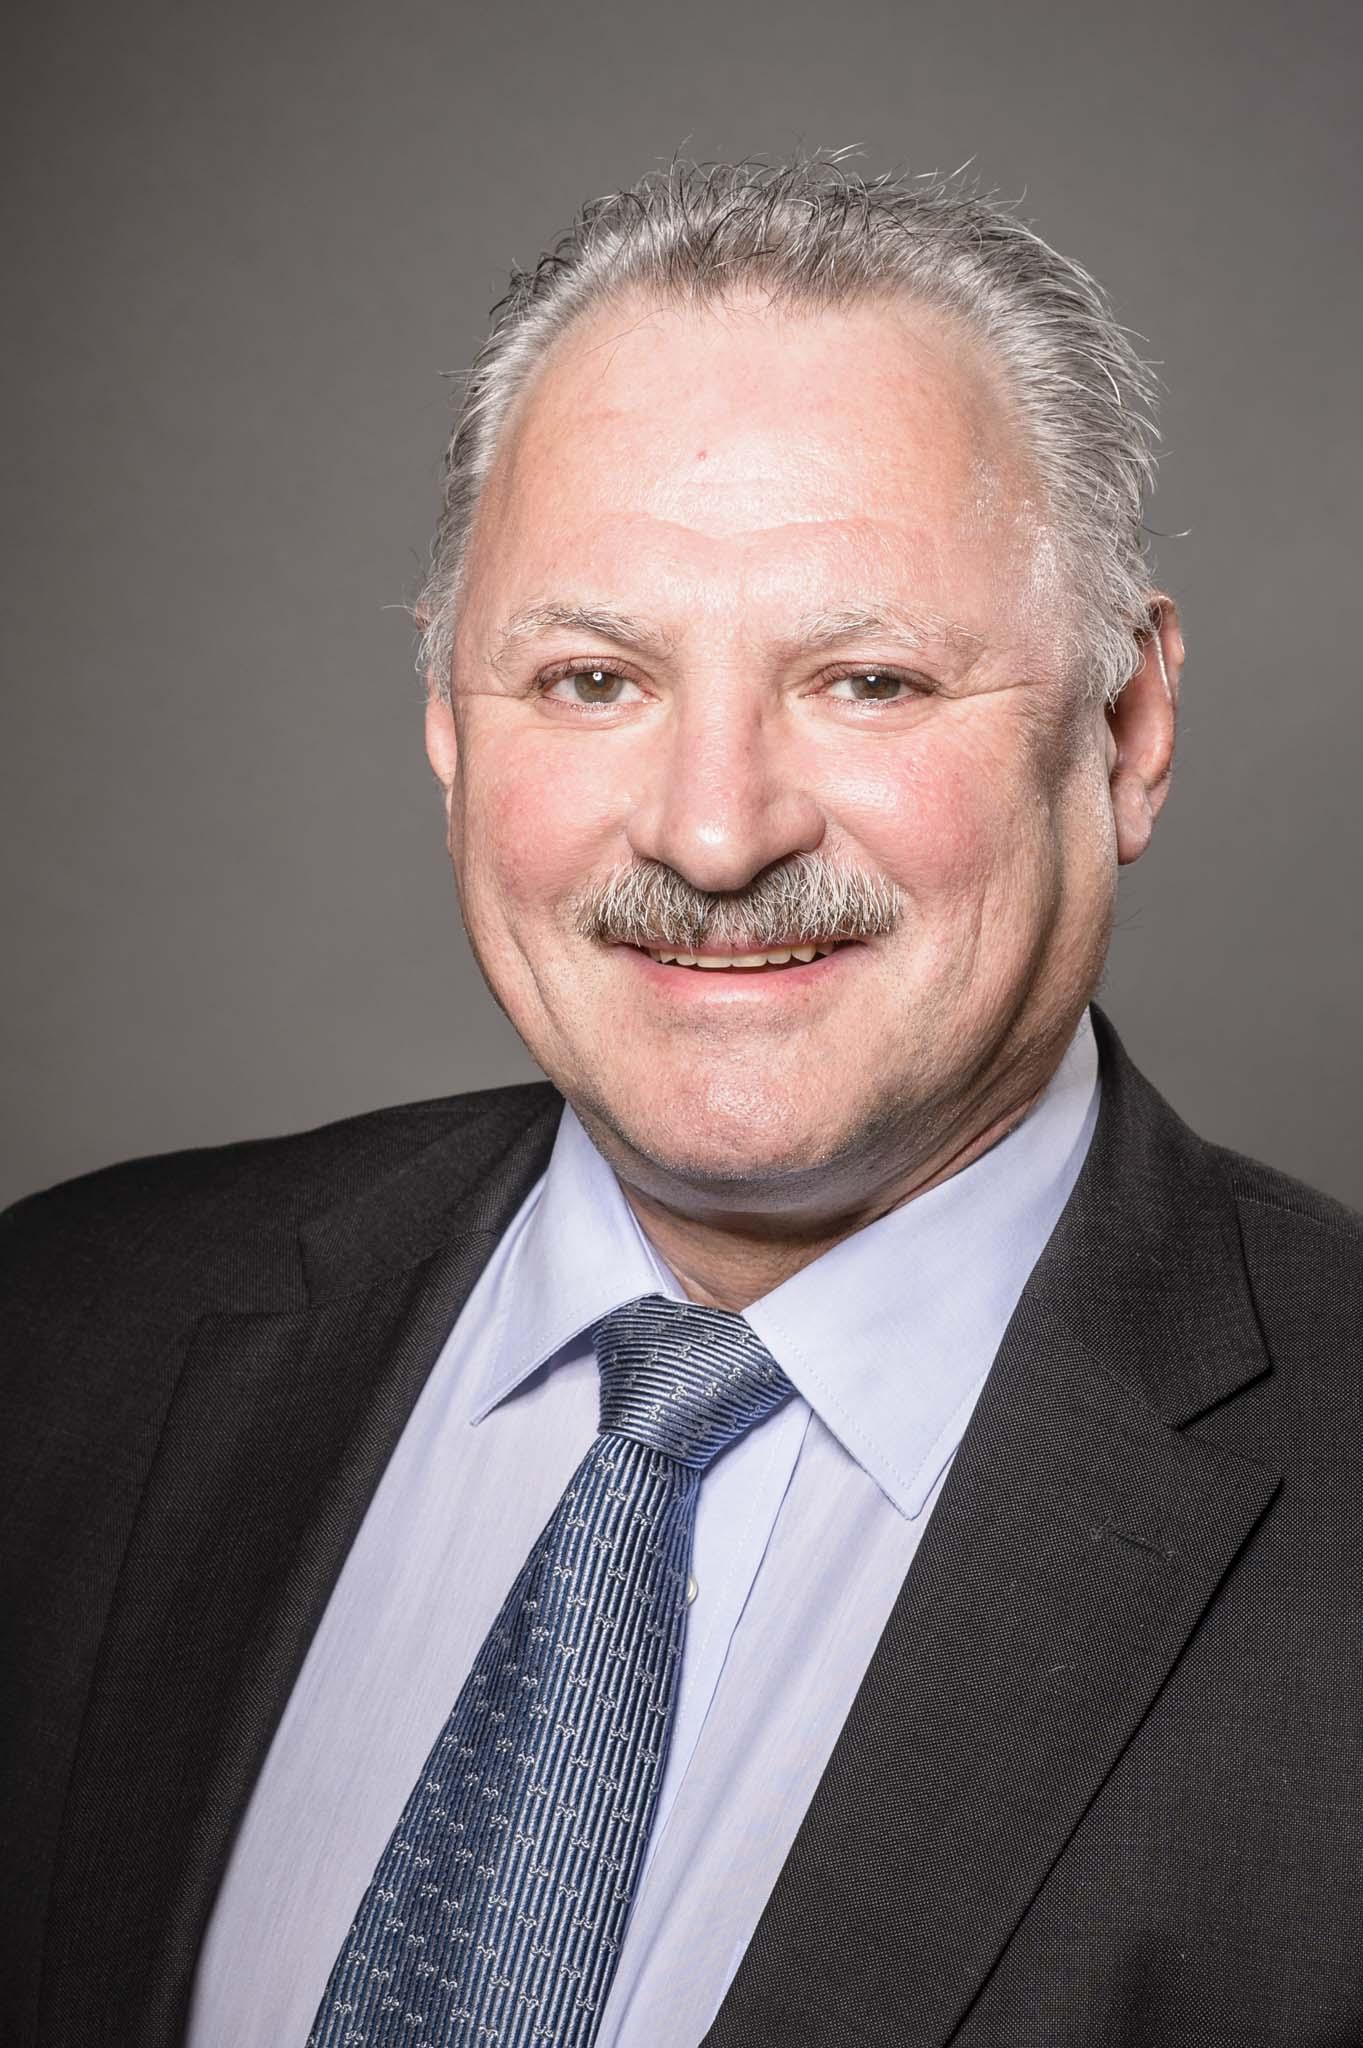 Ing. Helmut Raubal